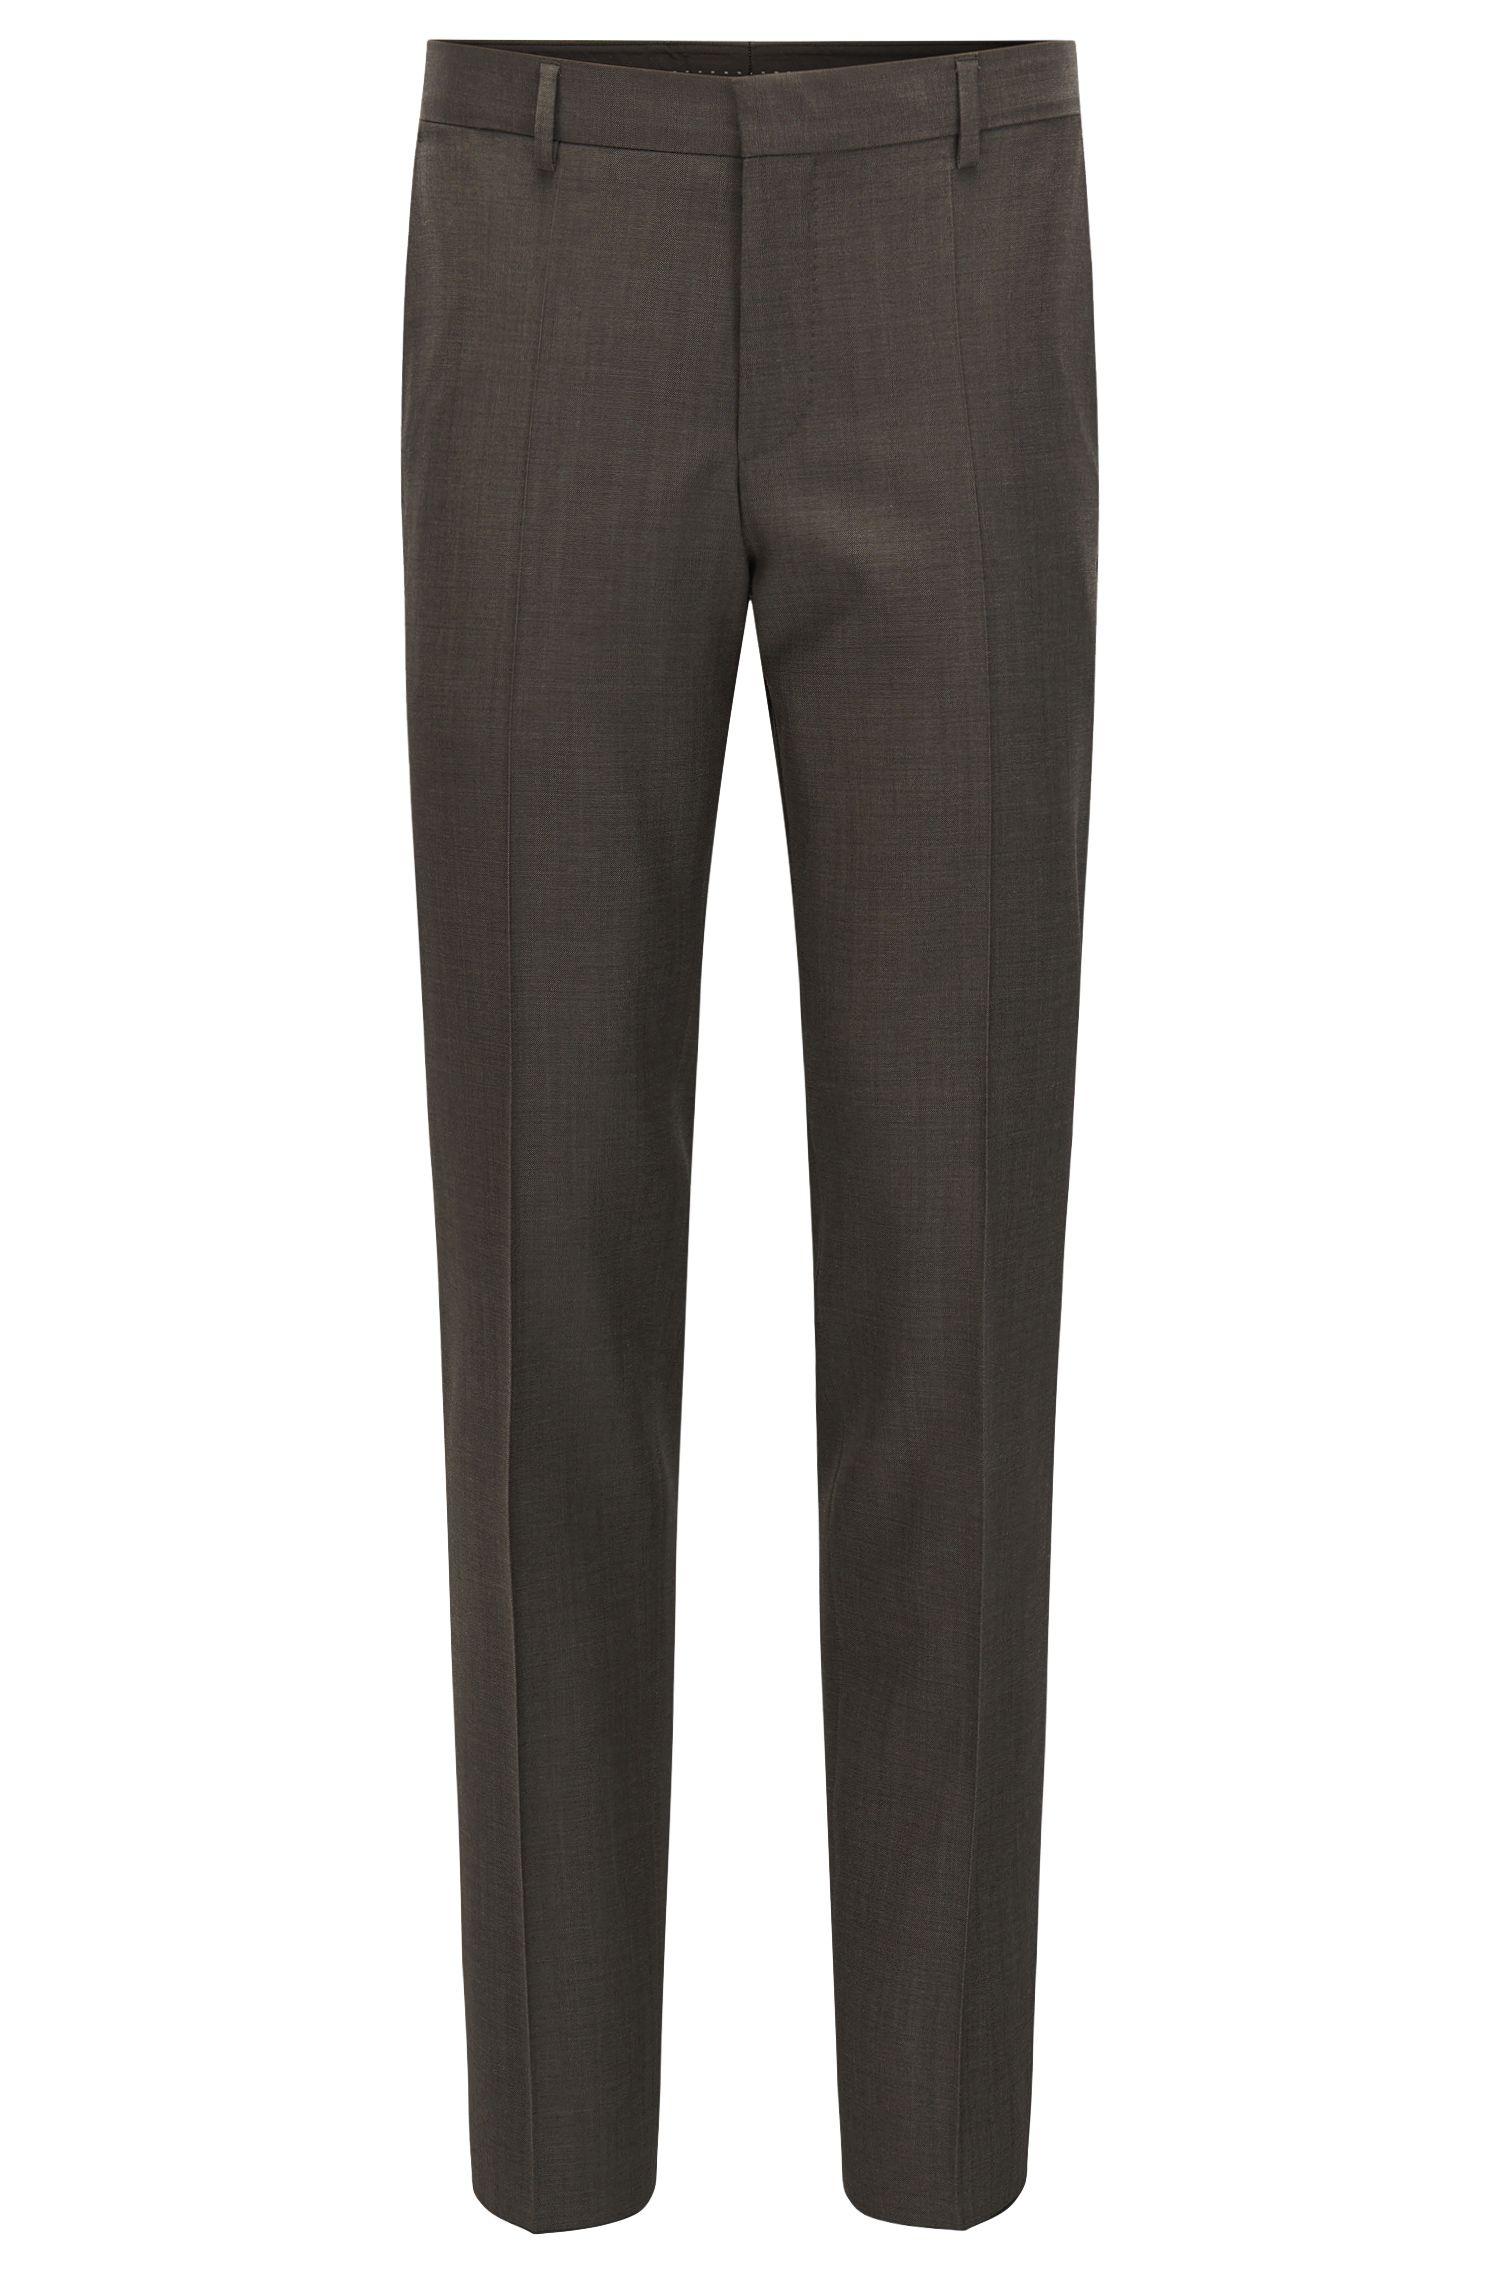 Virgin Wool Dress Pant, Slim Fit | Balte, Light Brown